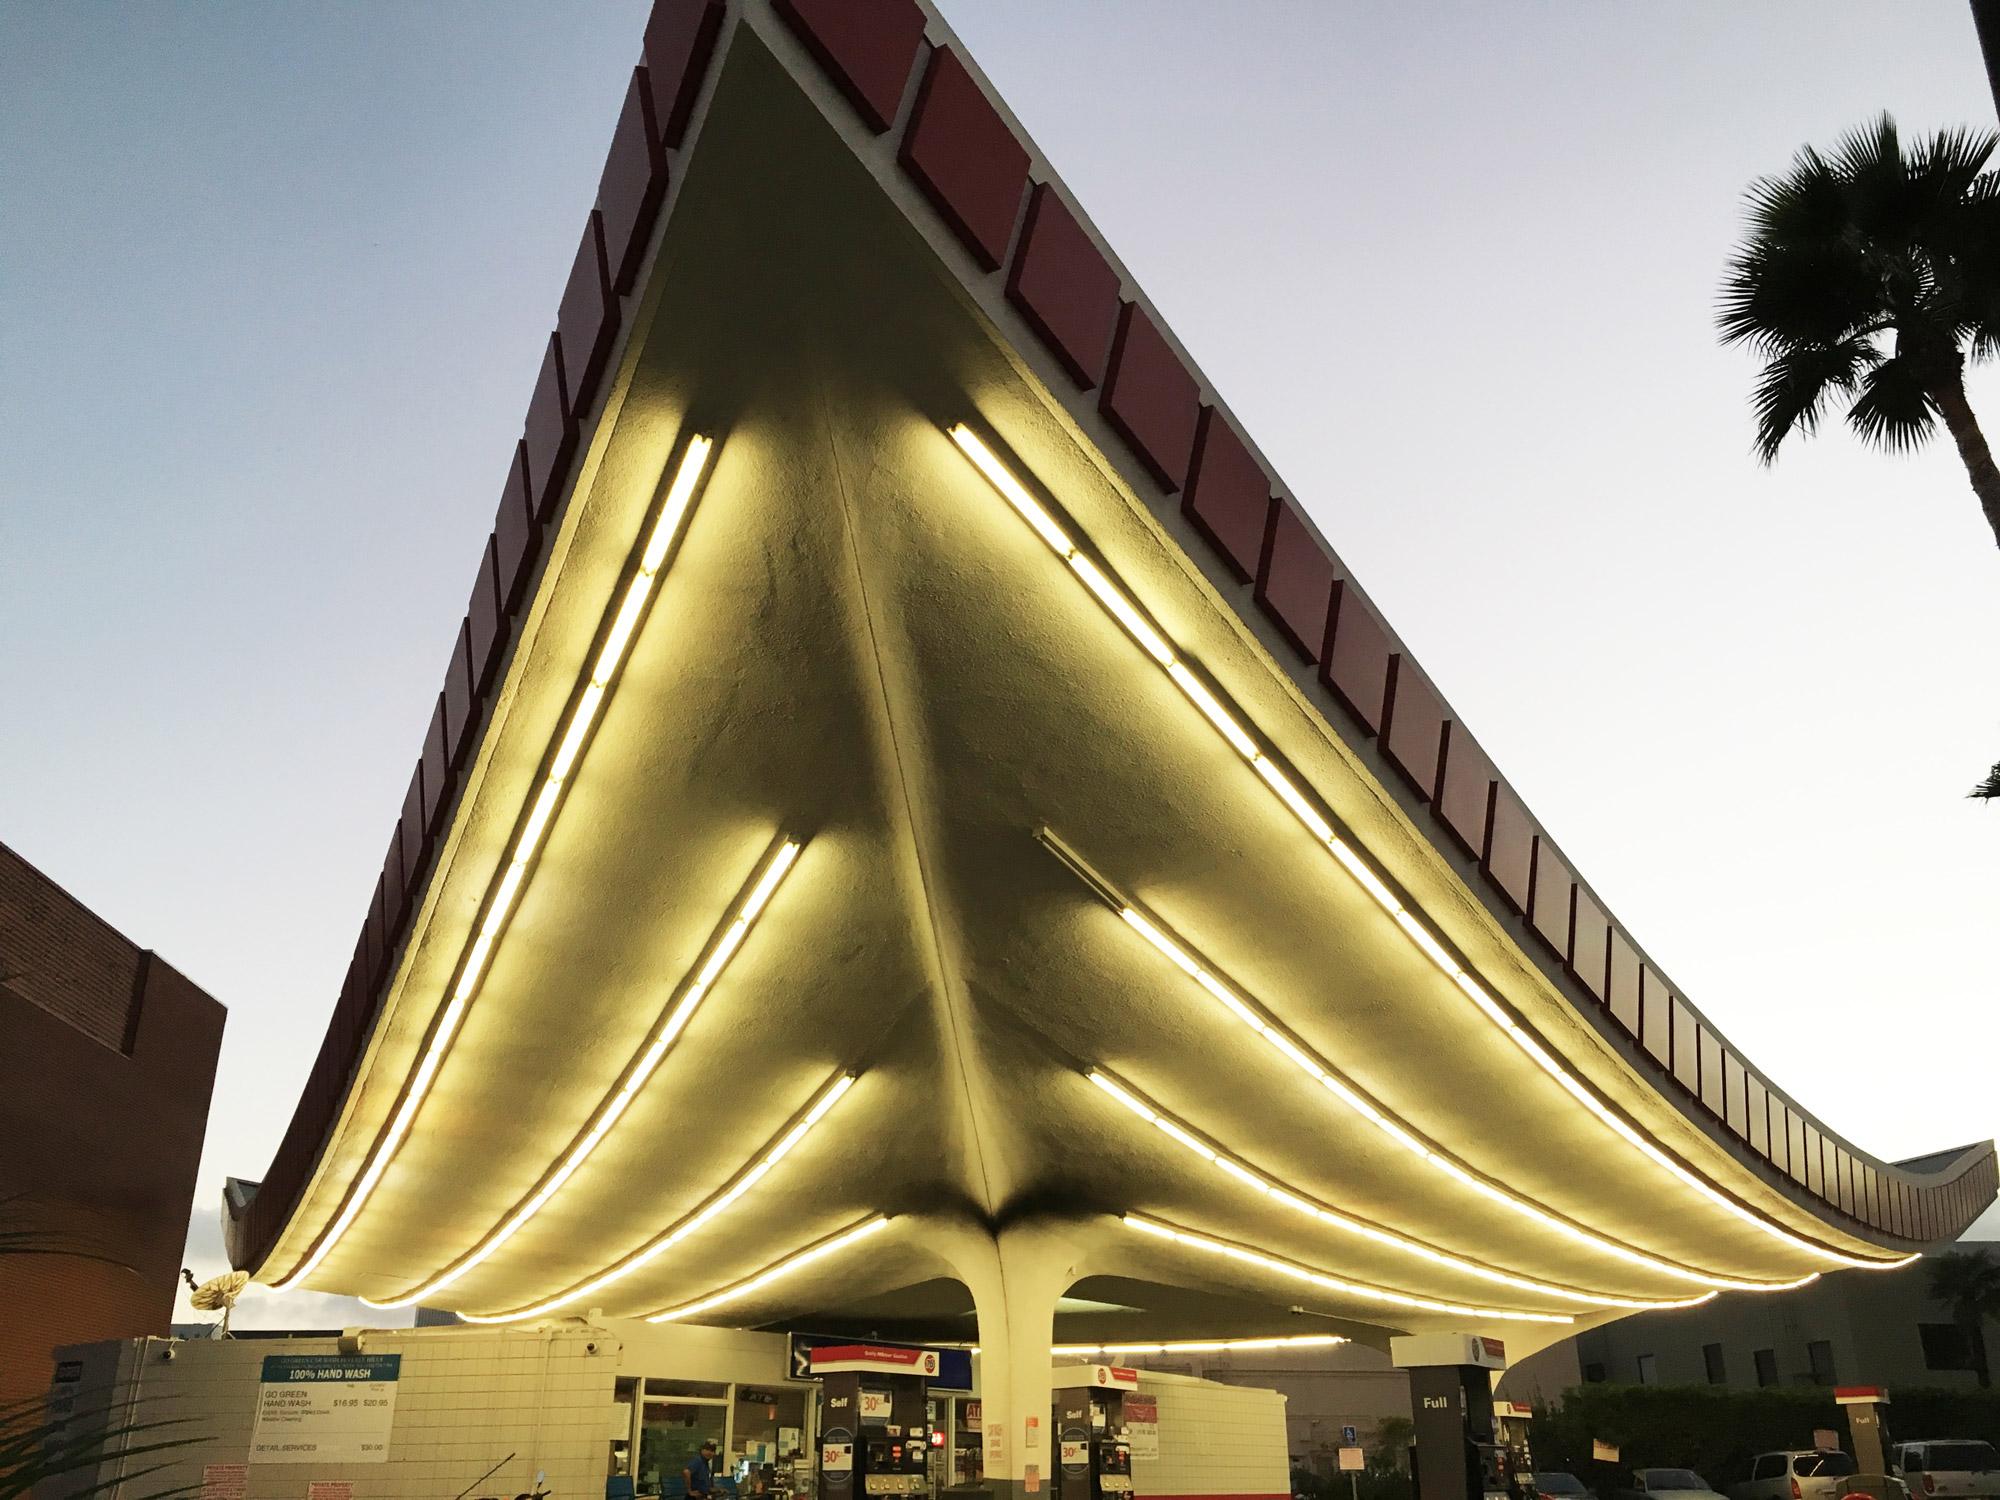 urbanbacklog-los-angeles-jack-colker's-76-gas-station-2.jpg